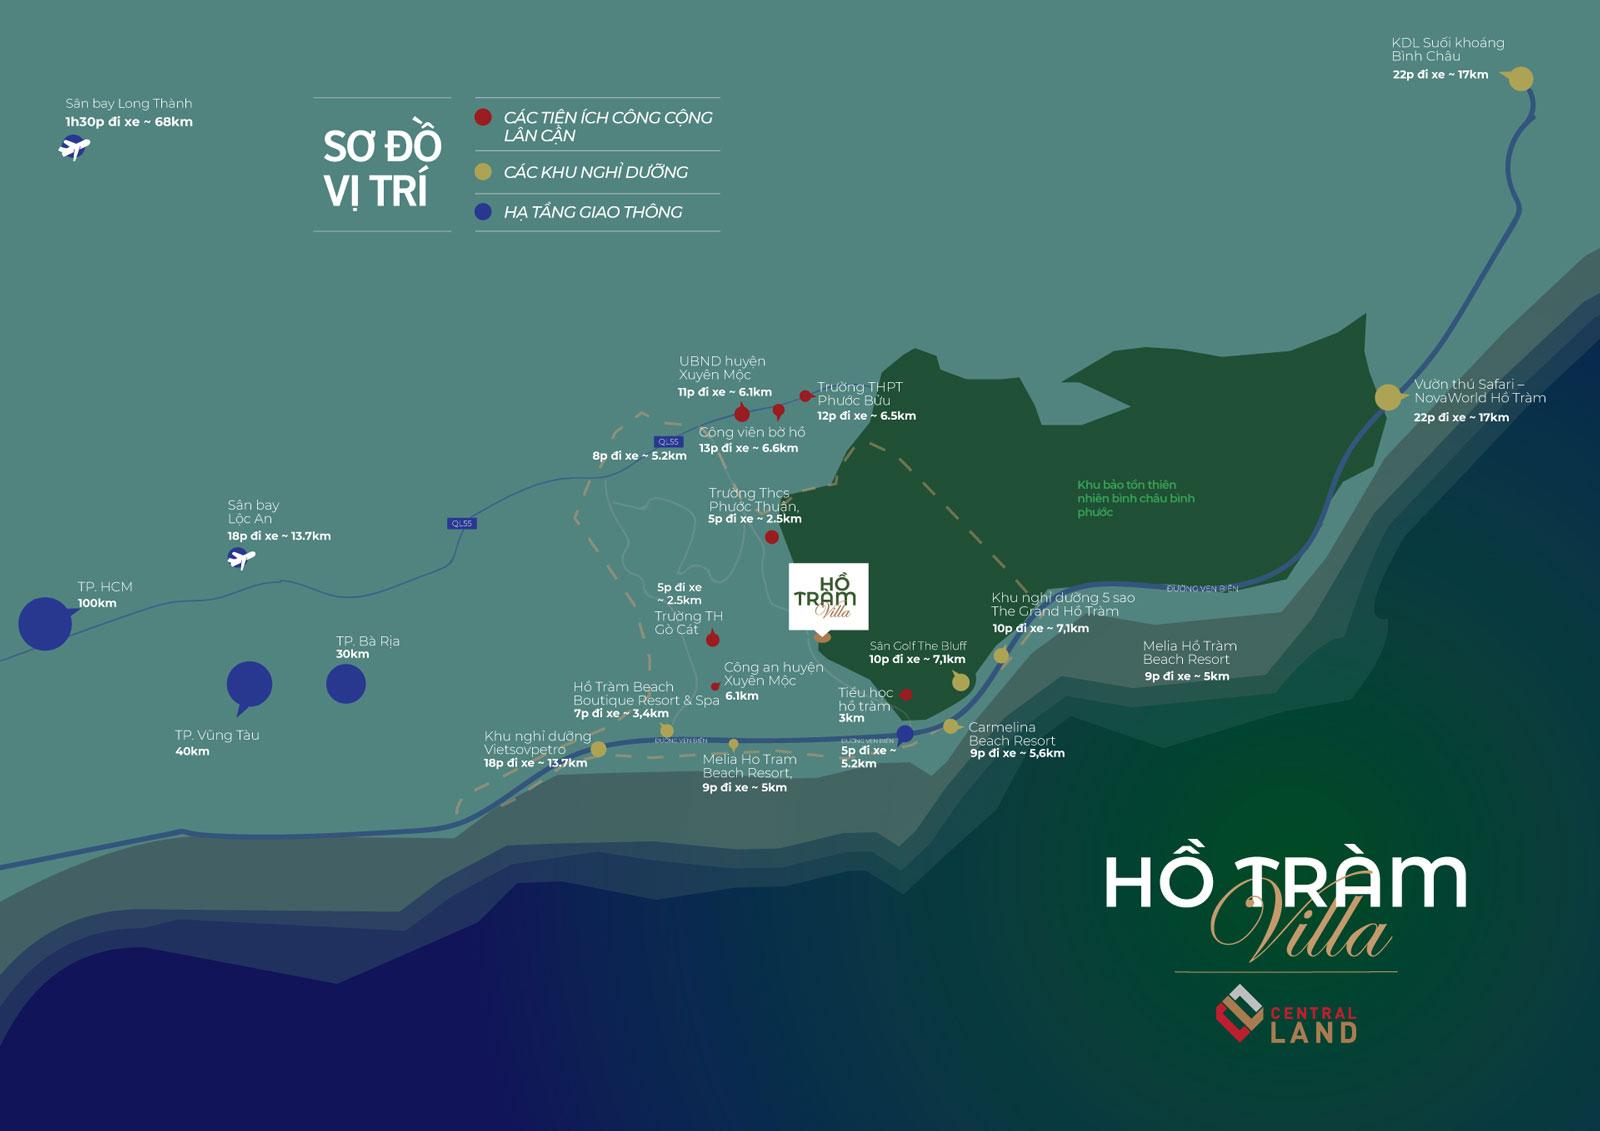 Minh họa vị trí khu bất động sản Hồ Tràm Central Land, bởi hcall